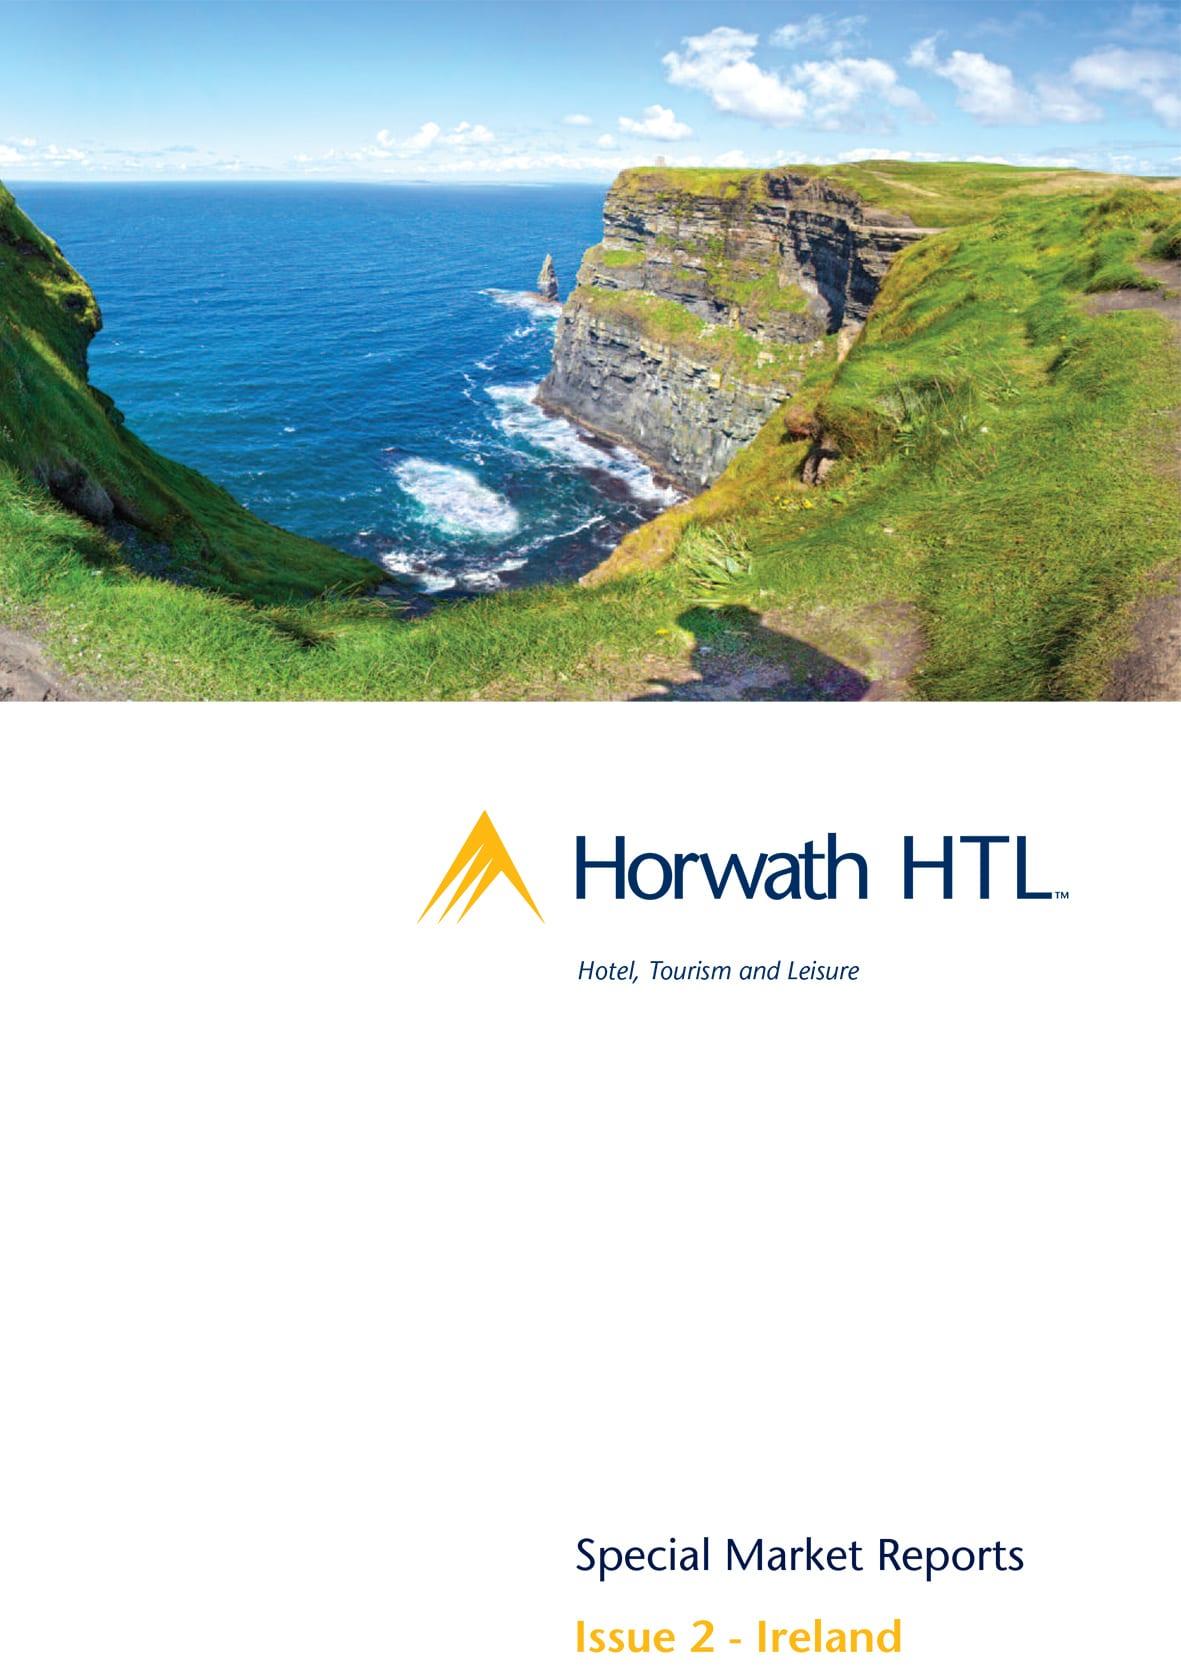 Horwath HTL Market Report 2 Ireland 1